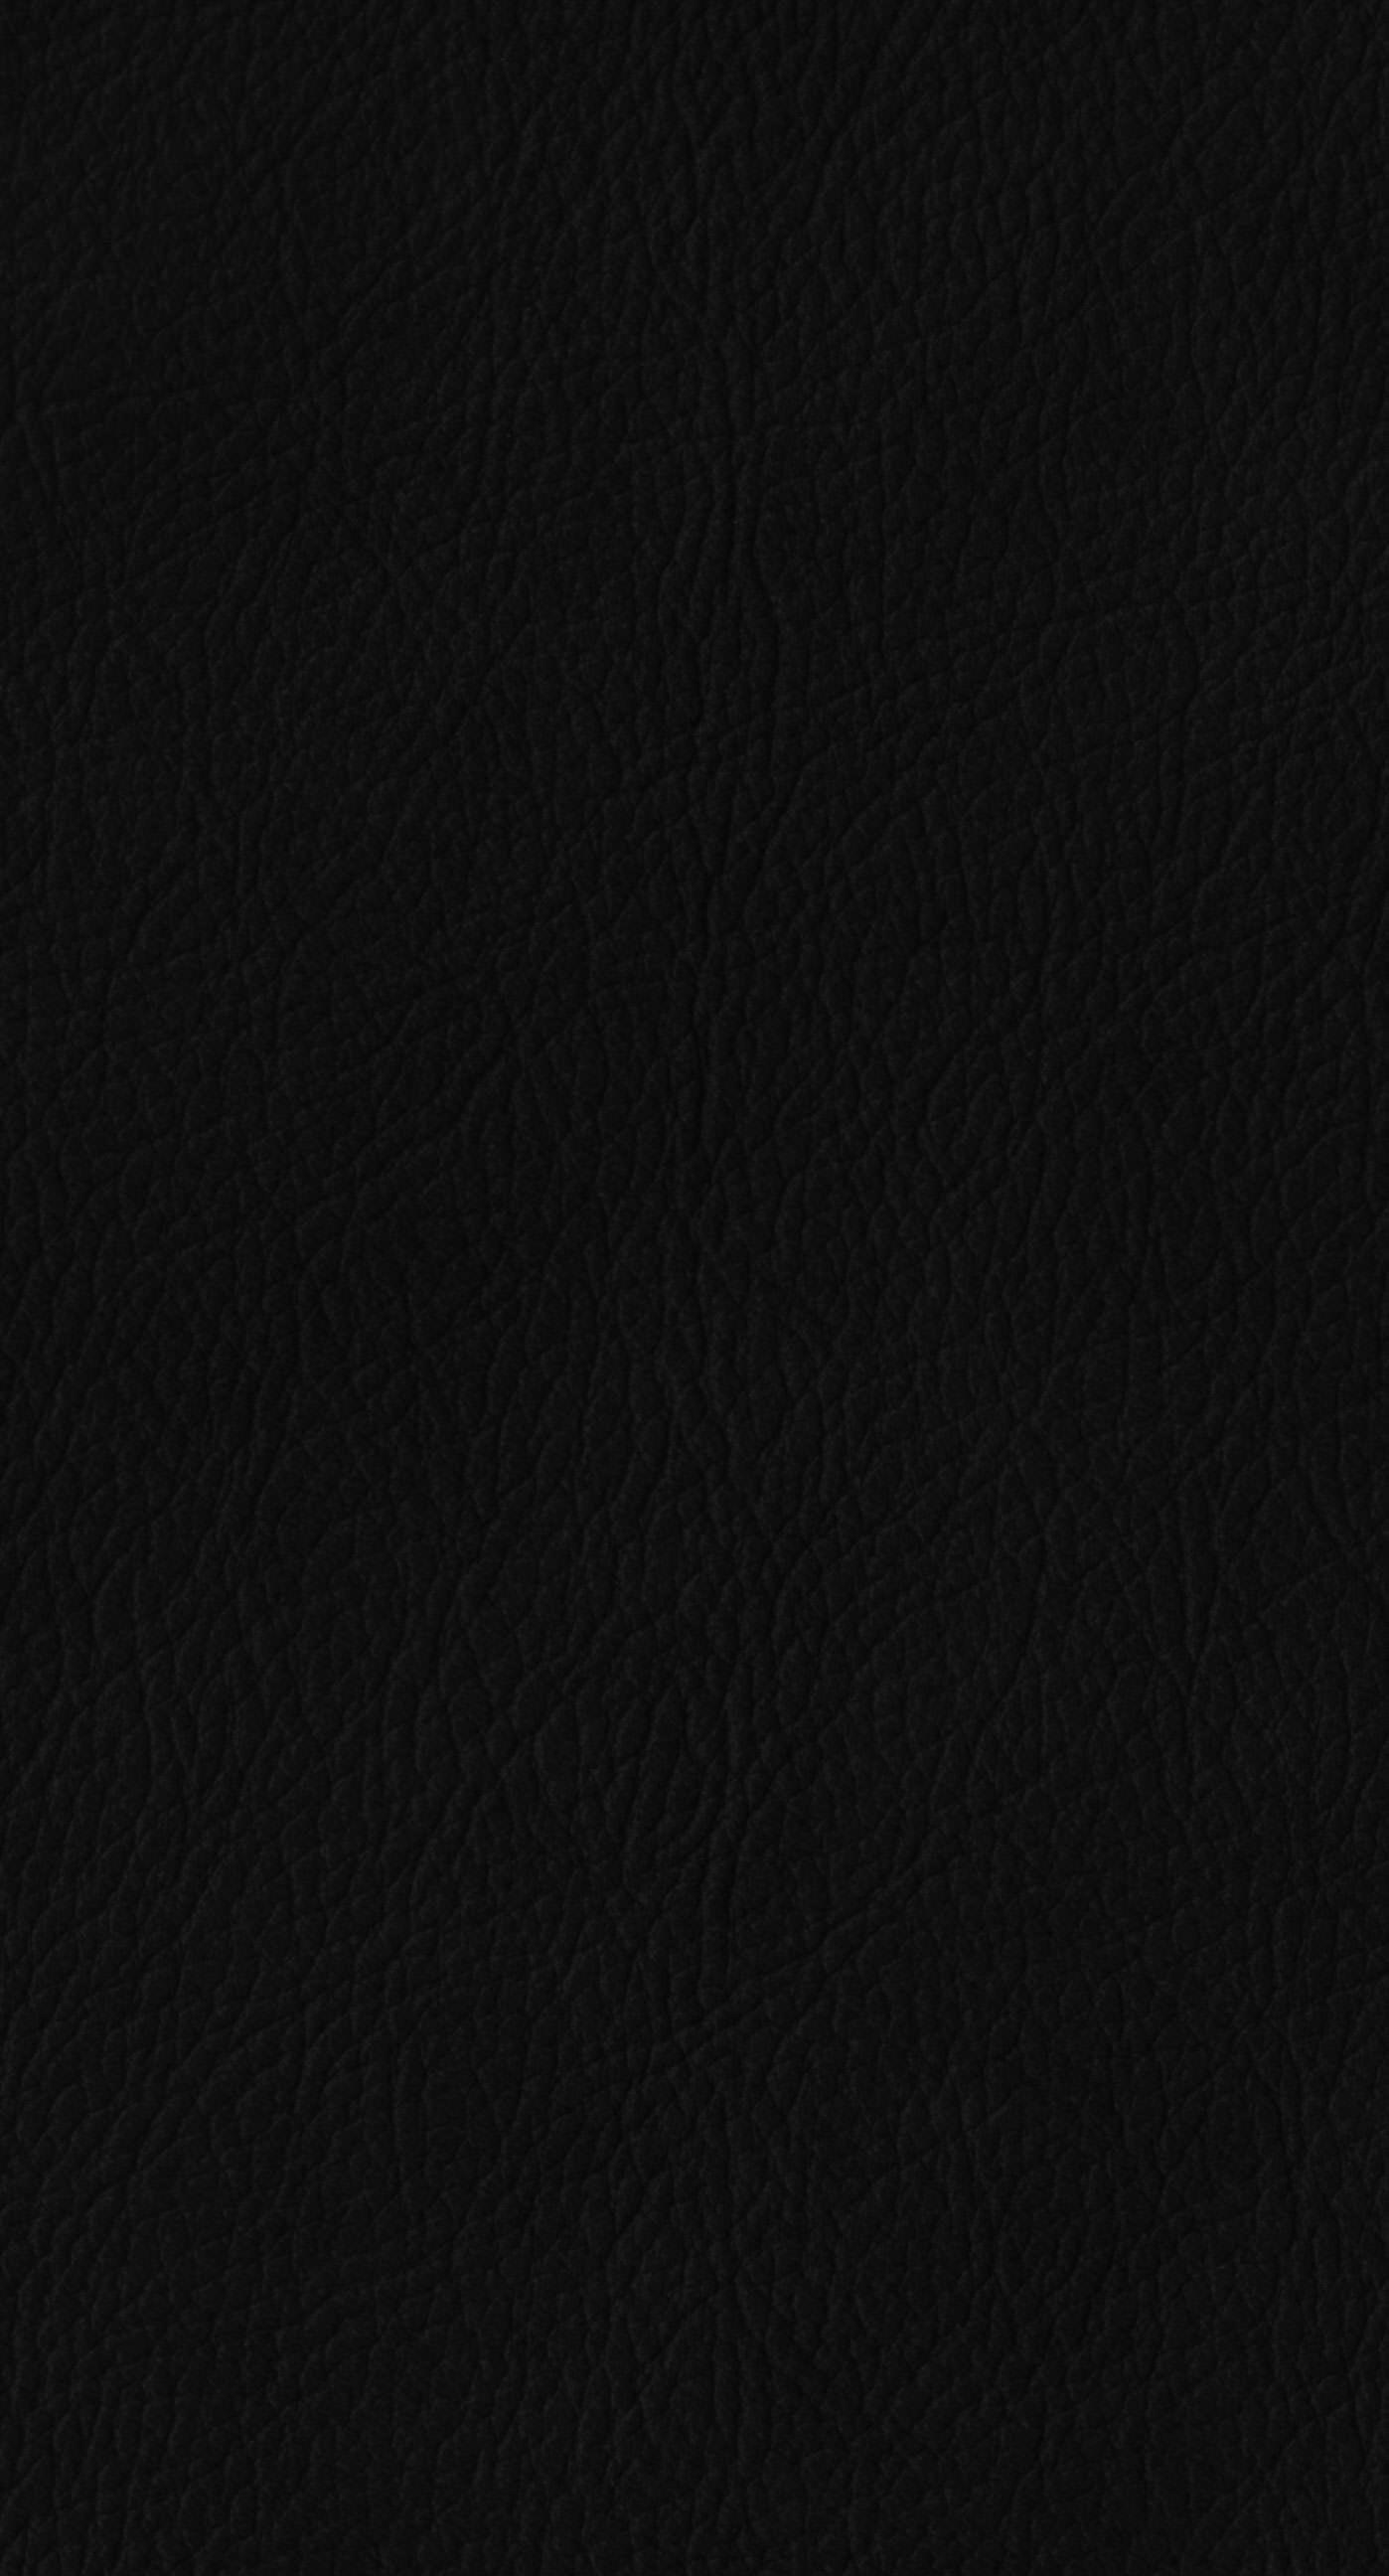 黒 Wallpaper Sc Iphone7plus壁紙